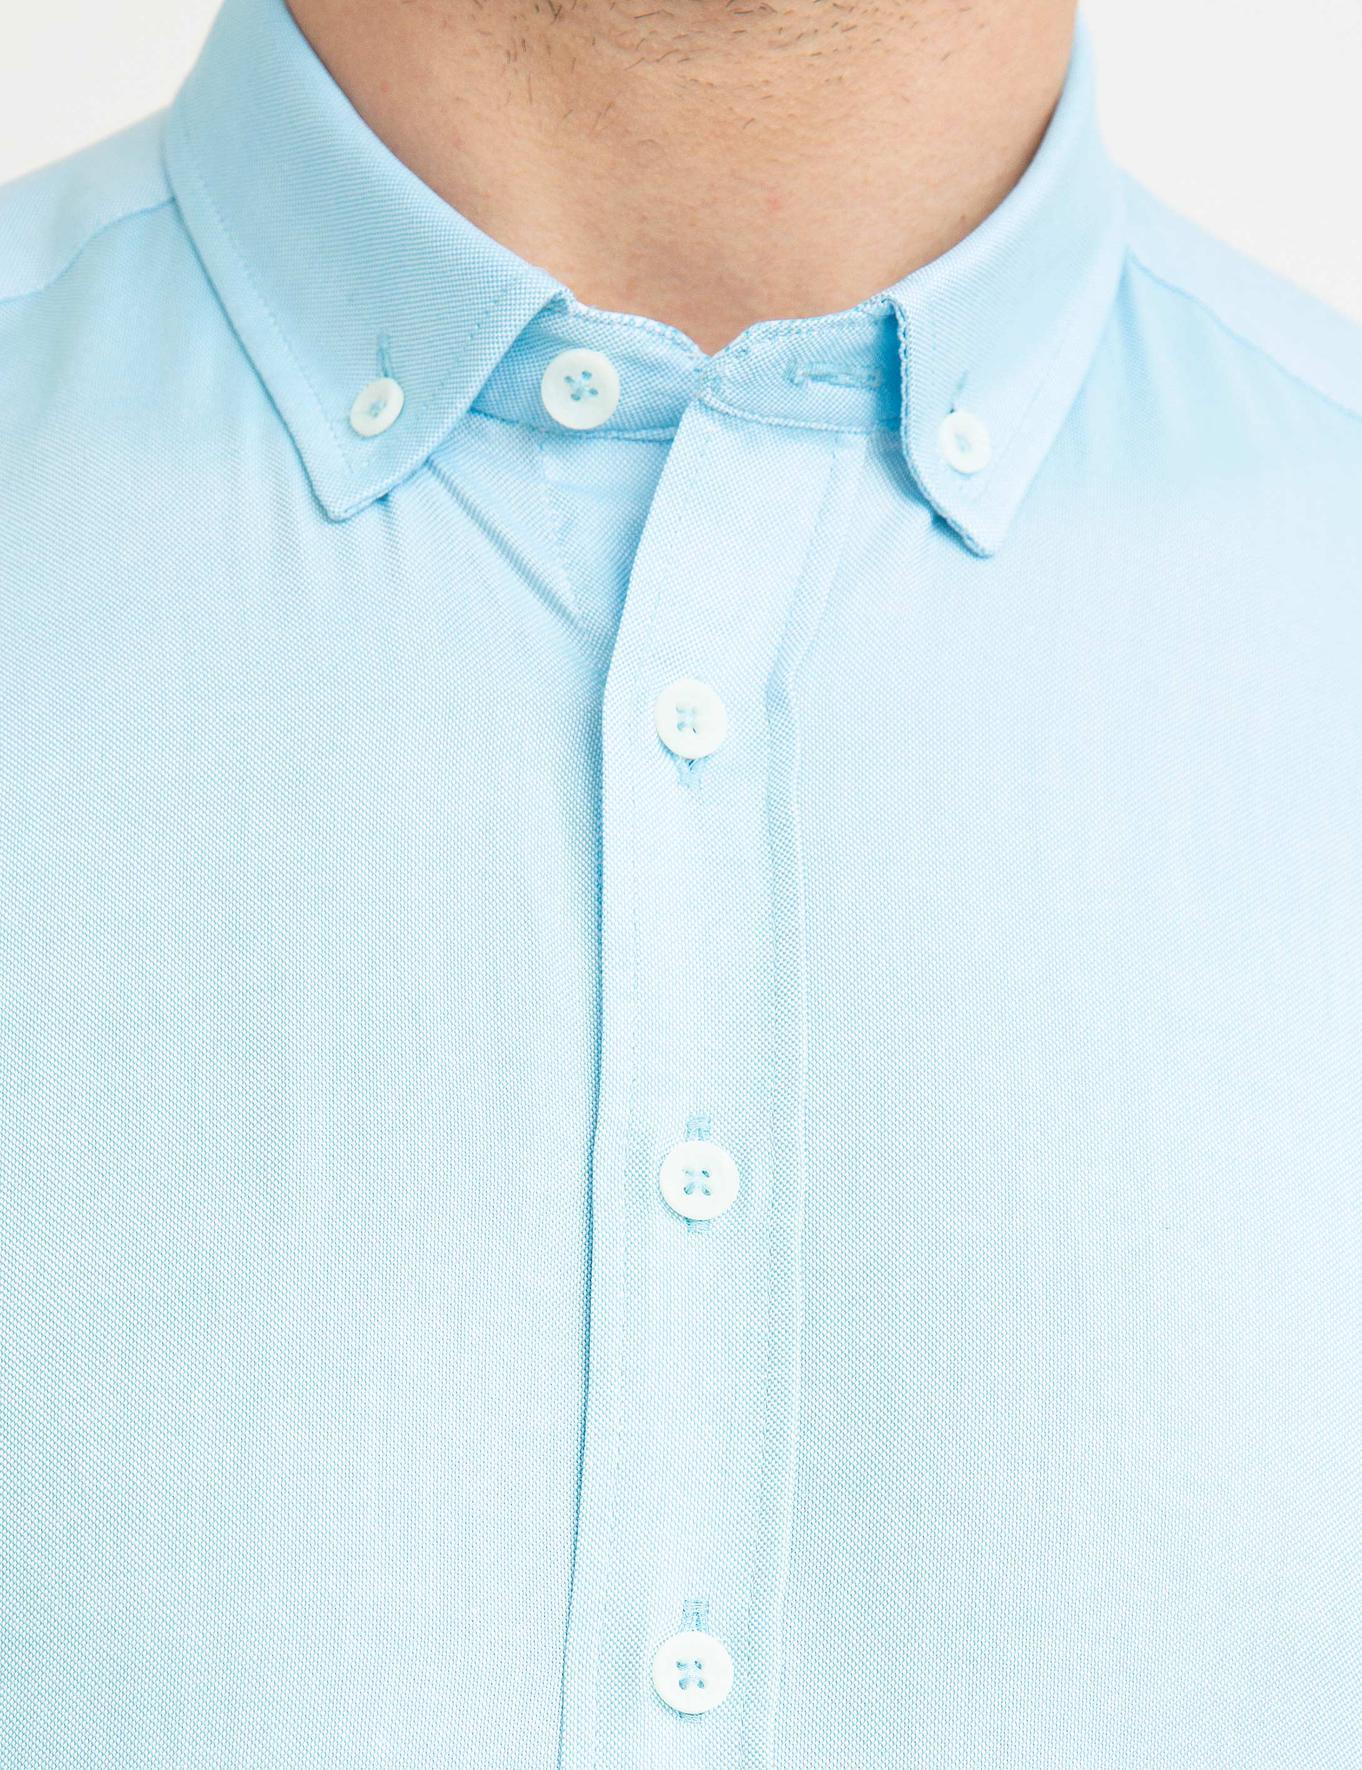 Aqua Mavi Slim Fit Gömlek